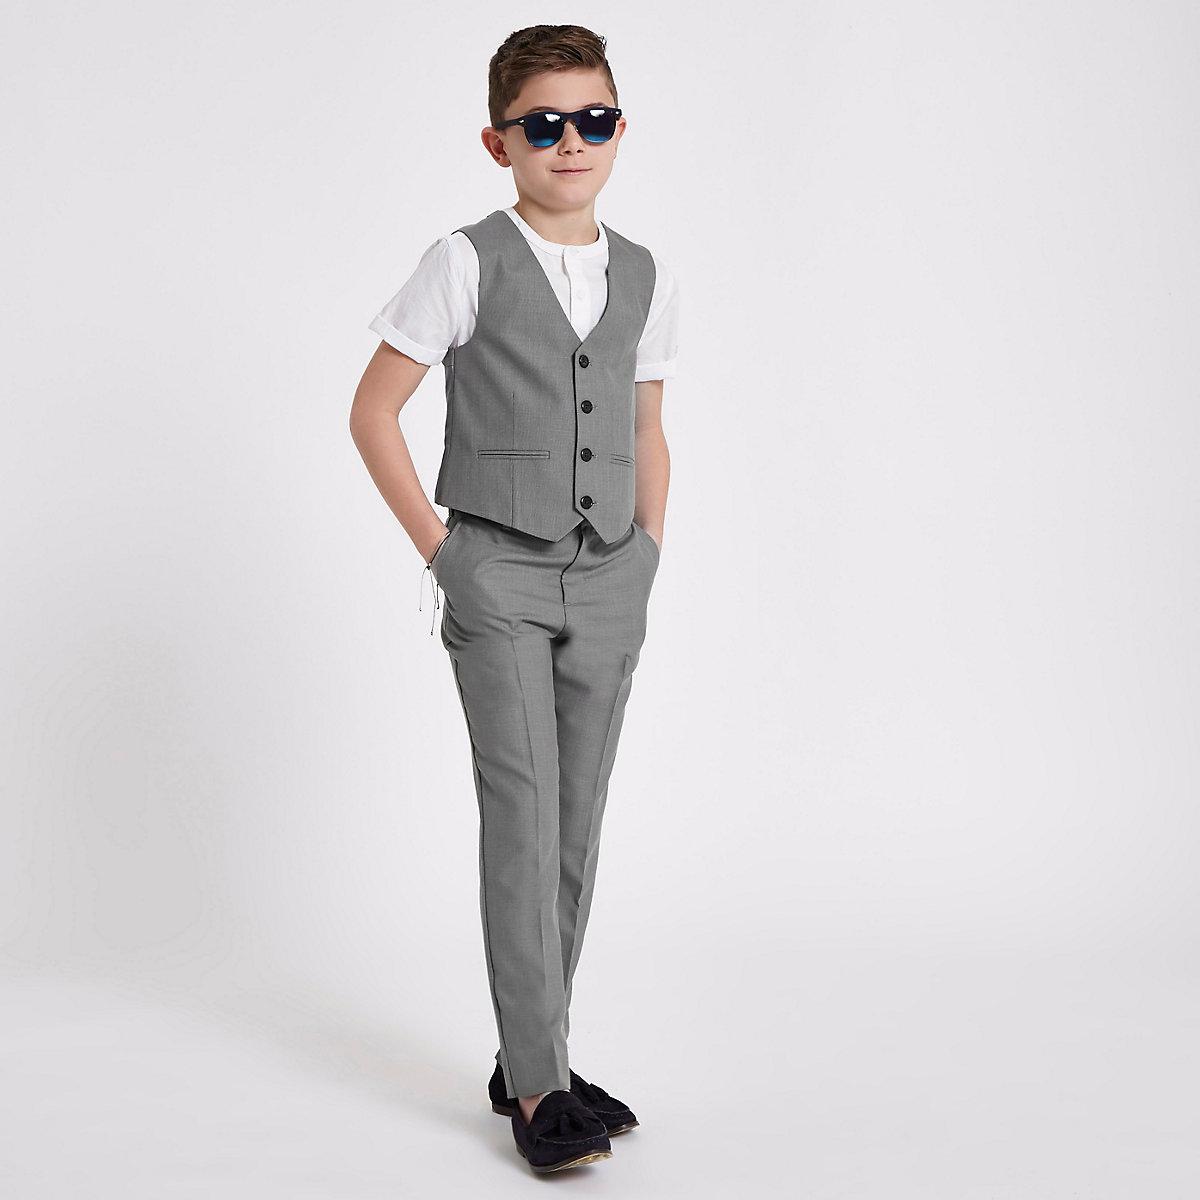 Boys grey suit vest